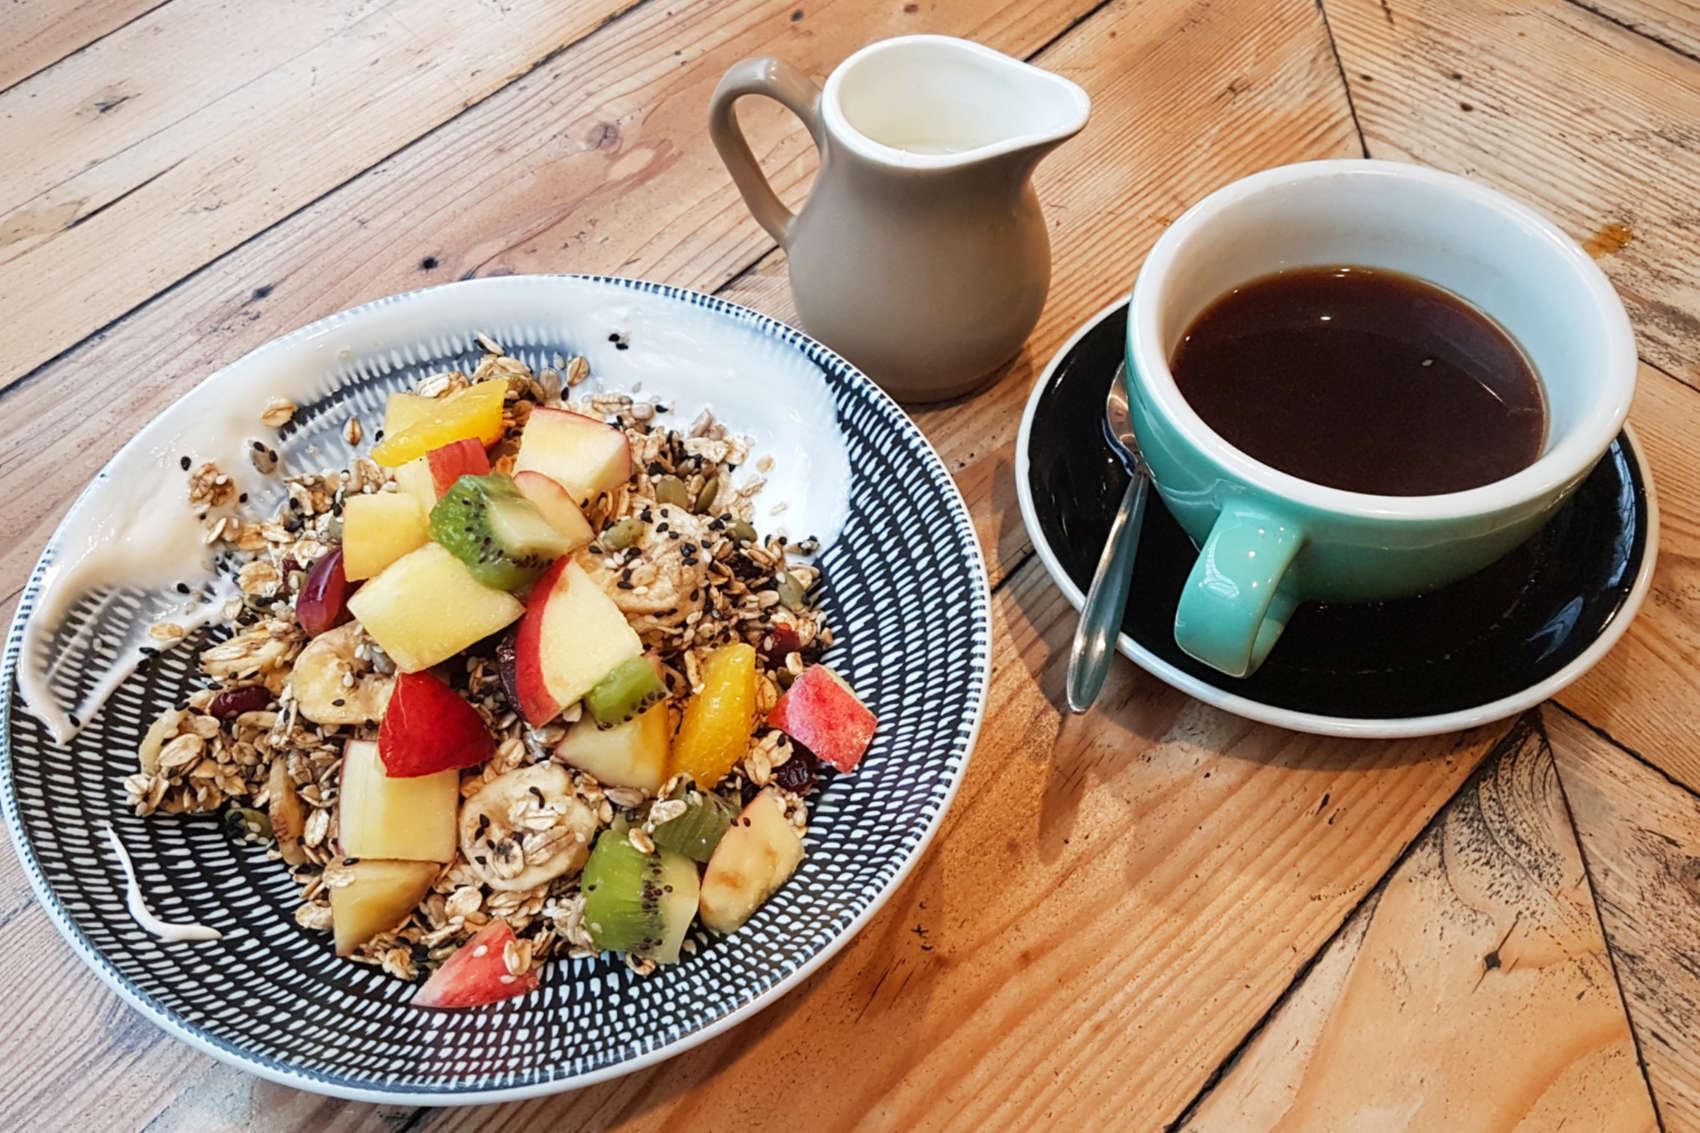 Arborist muesli and coffee